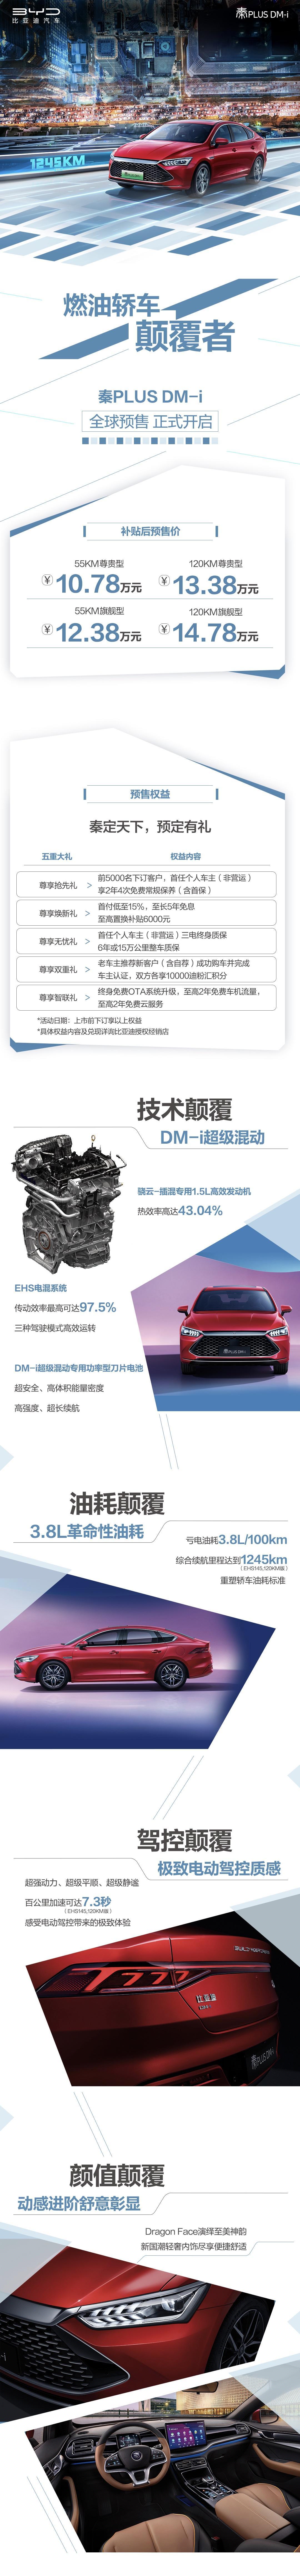 秦Plus DMi燃油轿车颠覆者 全球预售 正式开始